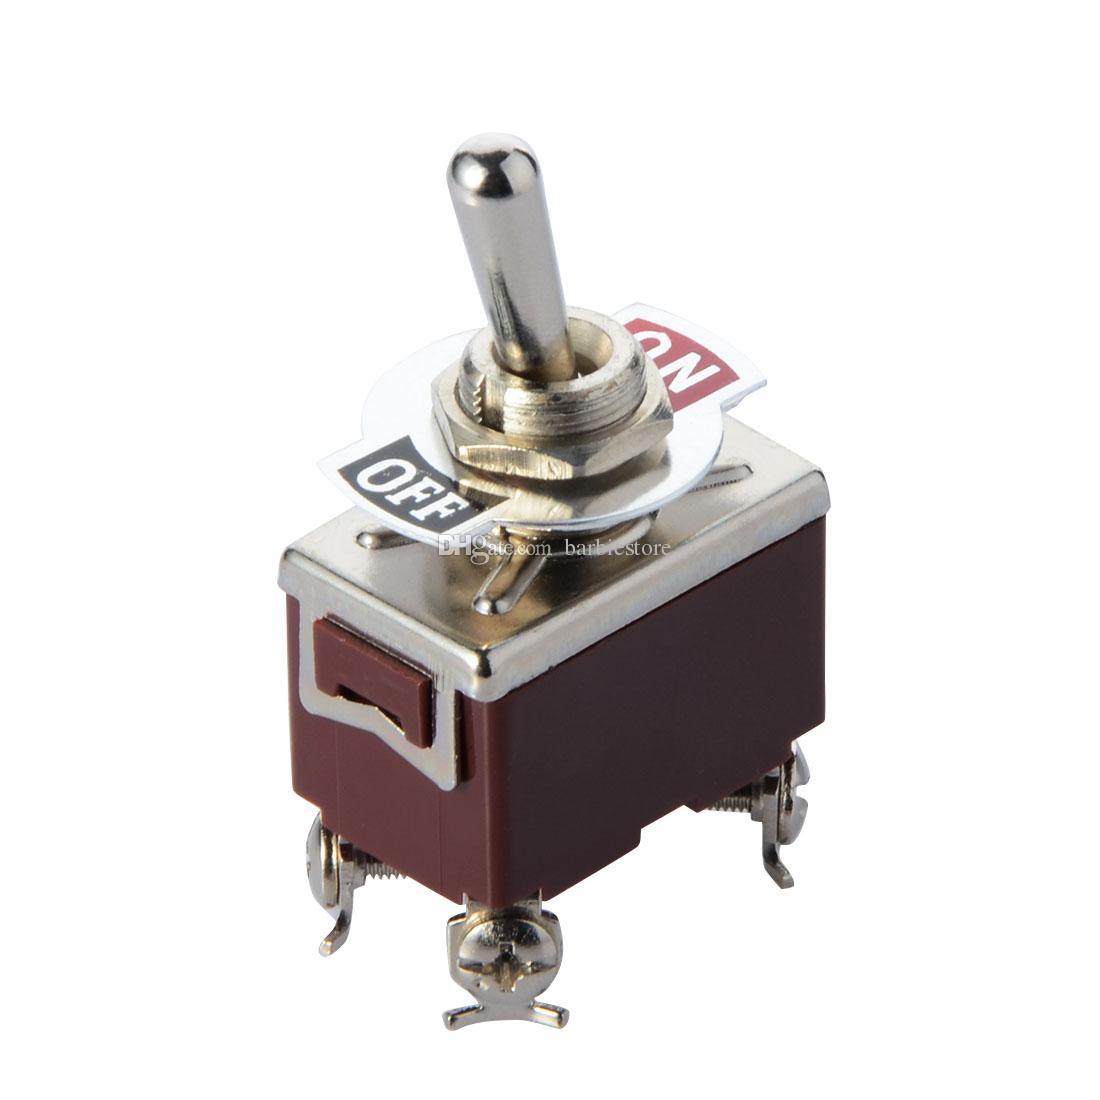 Detalles sobre el reemplazo universal ENCENDIDO / APAGADO / ENCENDIDO Interruptor de palanca DPDT 2P2T momentáneo CA 250V / 15A B00450